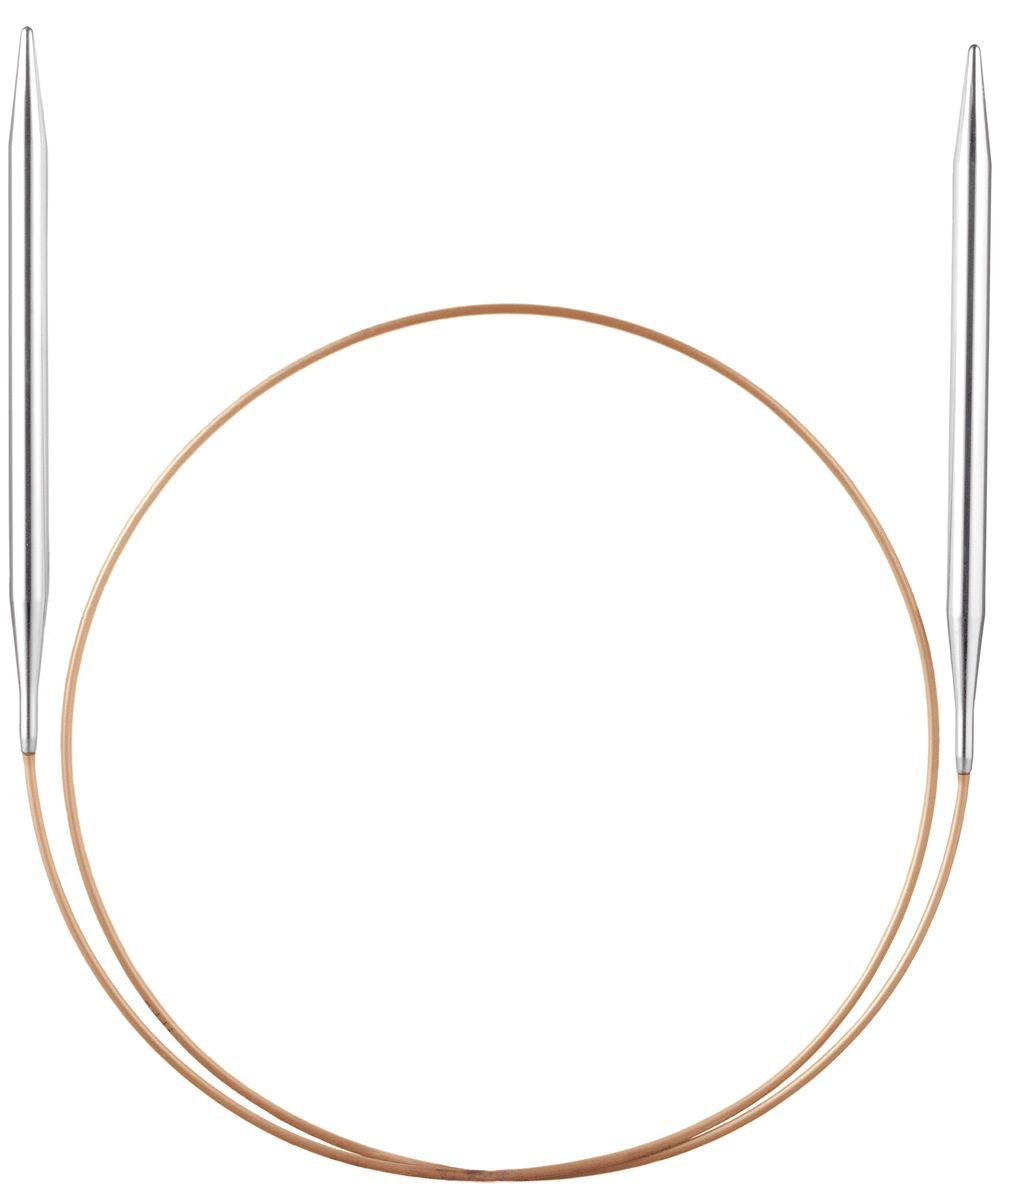 Спицы круговые Addi, супергладкие, диаметр 7 мм, длина 150 см105-7/7-150Спицы Addi, изготовленные из никеля, прекрасно подойдут для вязания изделий без швов. Короткими круговыми спицами вяжут бейки горловины, шапки и варежки, длинными спицами можно вязать по кругу целые модели, например, свитера и пуловеры. Полые и очень легкие спицы с удлиненным кончиком скреплены гибкой леской. Гладкое покрытие и тонкие переходы от спицы к леске позволяют петлям легче скользить. Малый вес изделия убережет ваши руки от усталости при вязании. Вы сможете вязать для себя, делать подарки друзьям. Работа, сделанная своими руками, долго будет радовать вас и ваших близких.